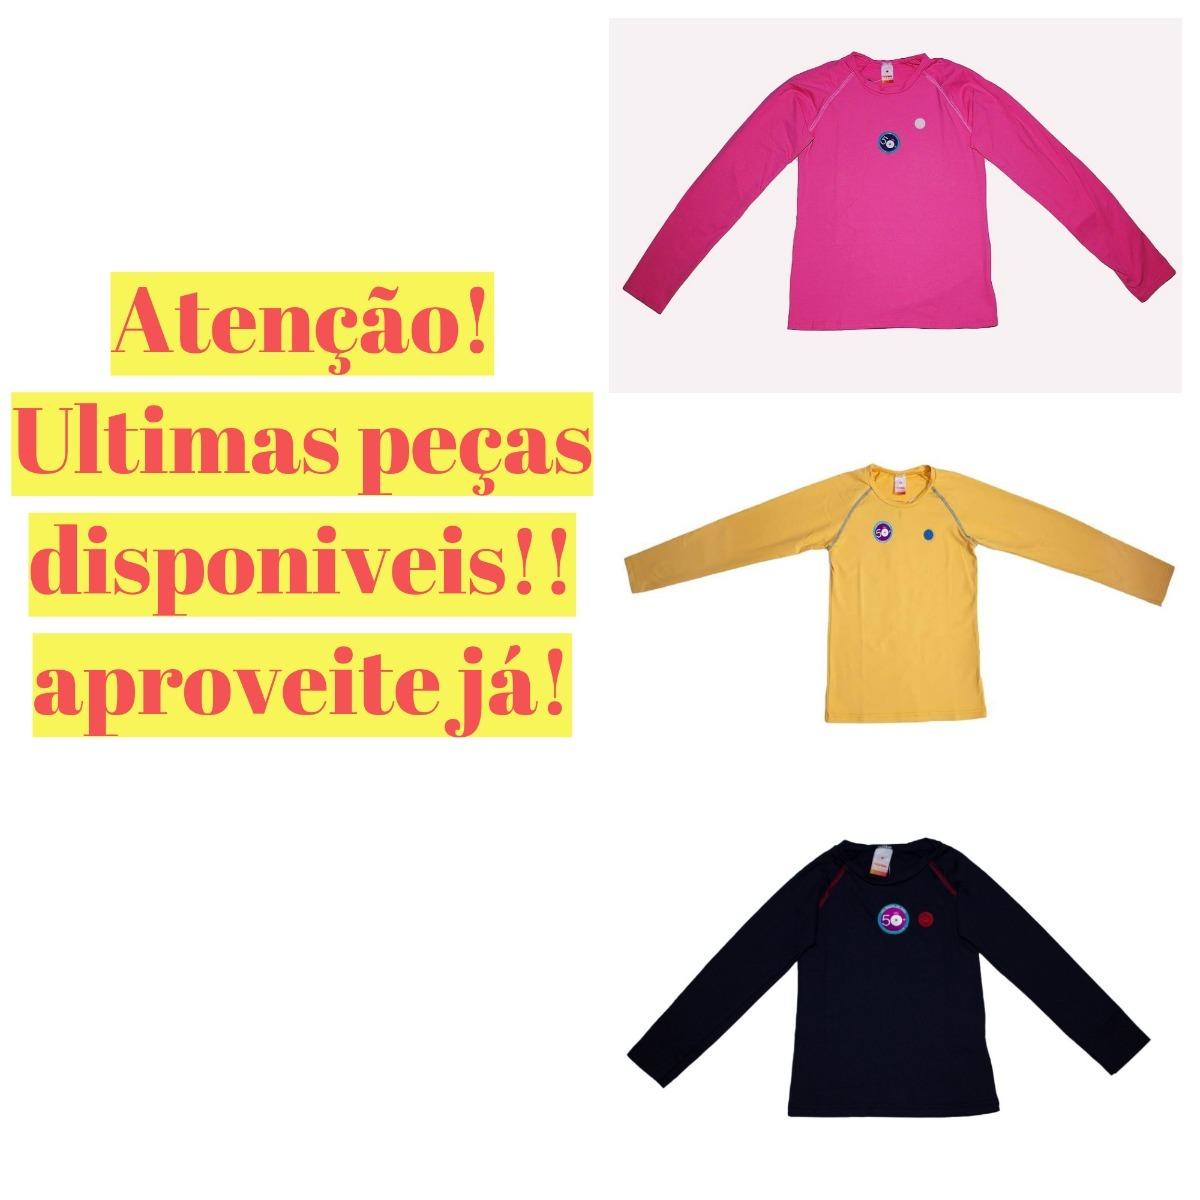 be1b3ab8f574 camiseta manga longa marisol infantil proteção uv promoção. Carregando zoom.